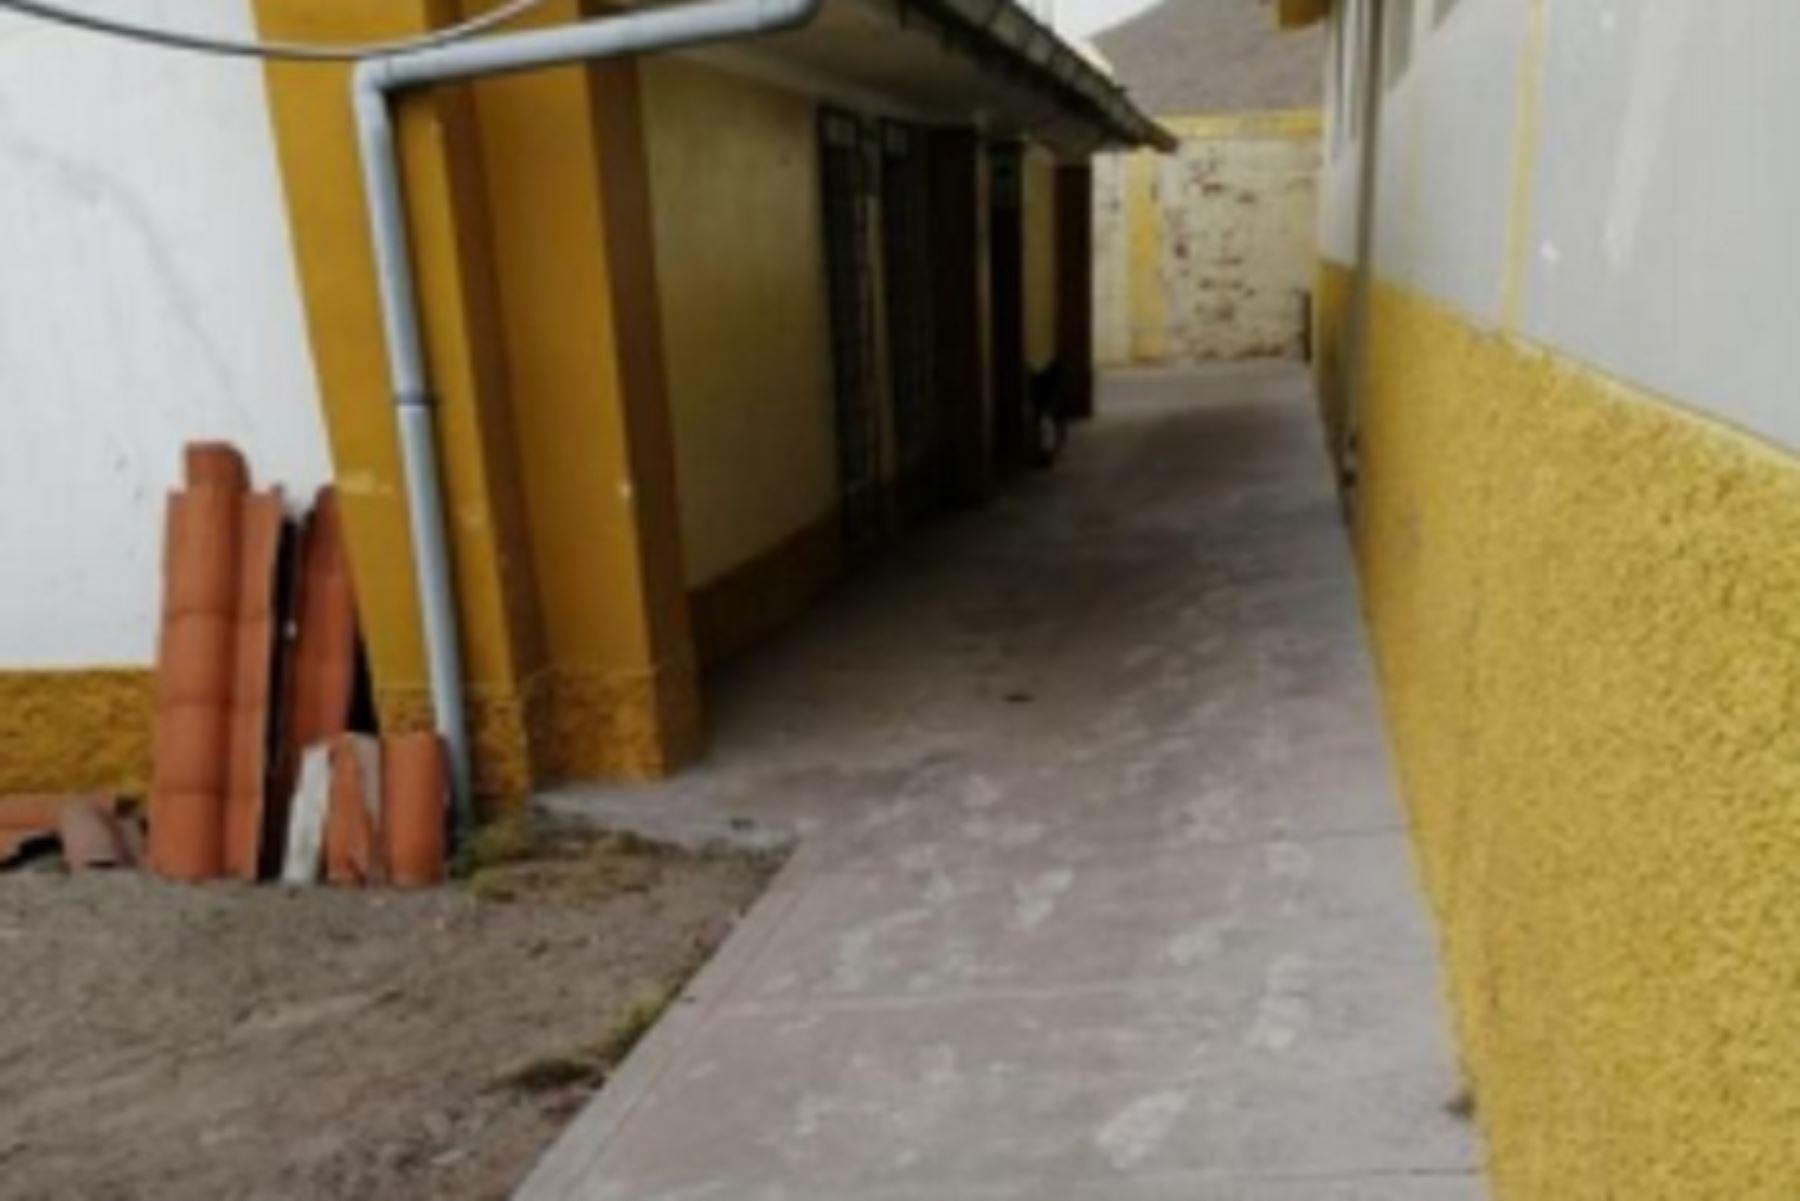 El Ministerio de Educación (Minedu) suspendió las clases en 62 escuelas de las regiones Moquegua, Arequipa y Puno para preservar la integridad física de 1157 alumnos,  tras la dispersión de ceniza por explosión en el volcán Ubinas, informó el Centro de Operaciones de Emergencia Nacional (COEN).